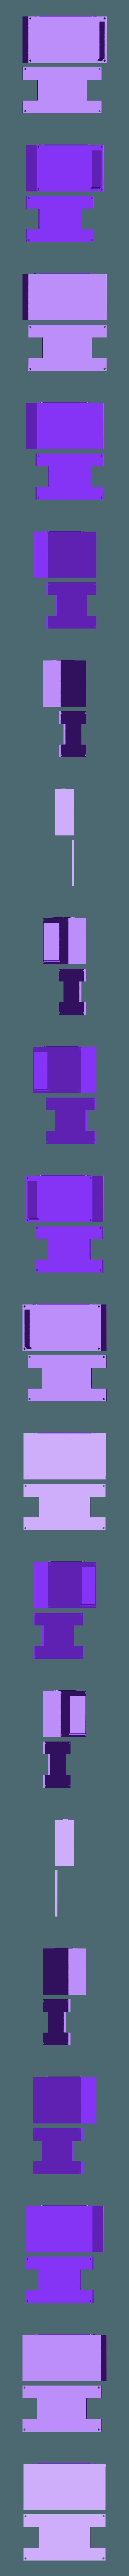 Cable_Box_for_aluminum_extrusion.stl Télécharger fichier STL gratuit Boîte de câbles pour extrusion d'aluminium • Design pour imprimante 3D, tylerebowers